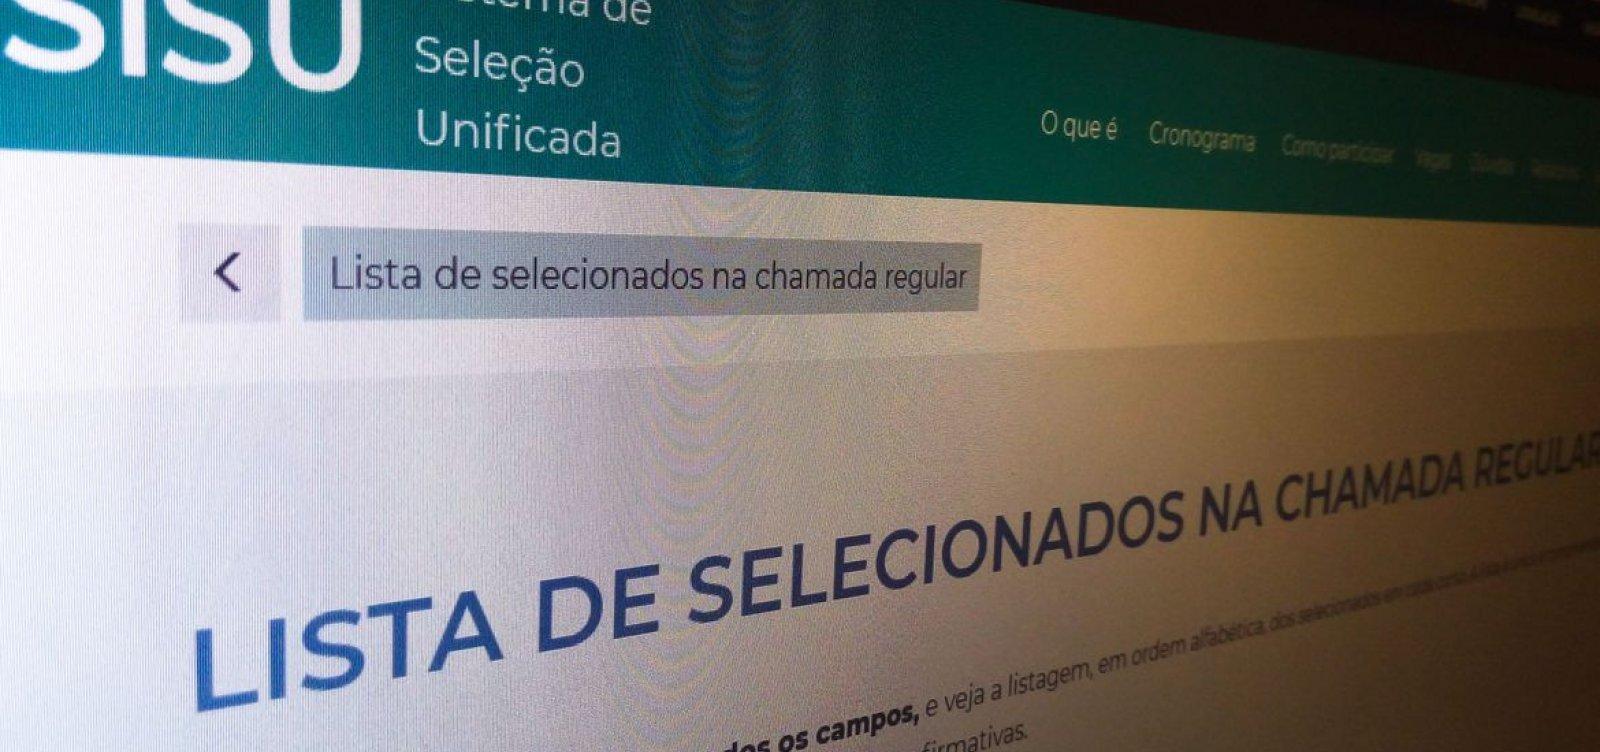 Ufba vai abrir mais de 6 mil vagas para o Sisu em 2021